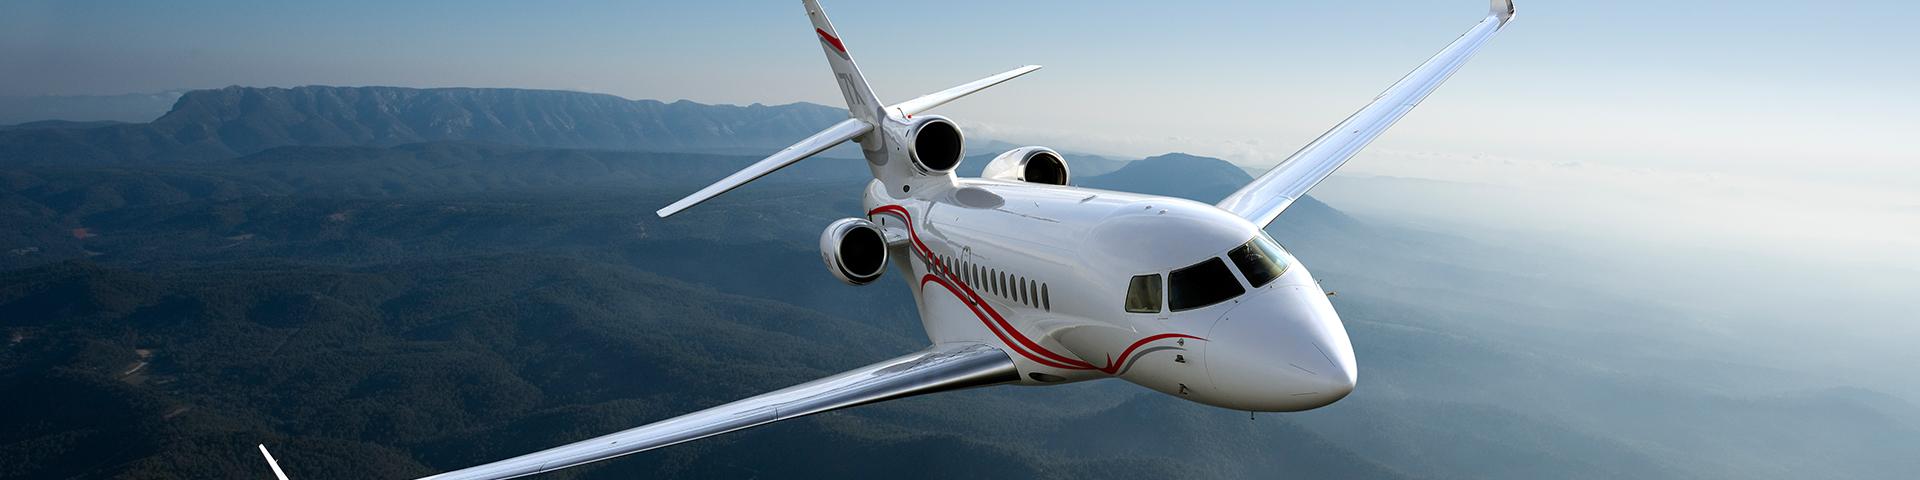 Falcon7X1 - Falcon 7X Private Jet